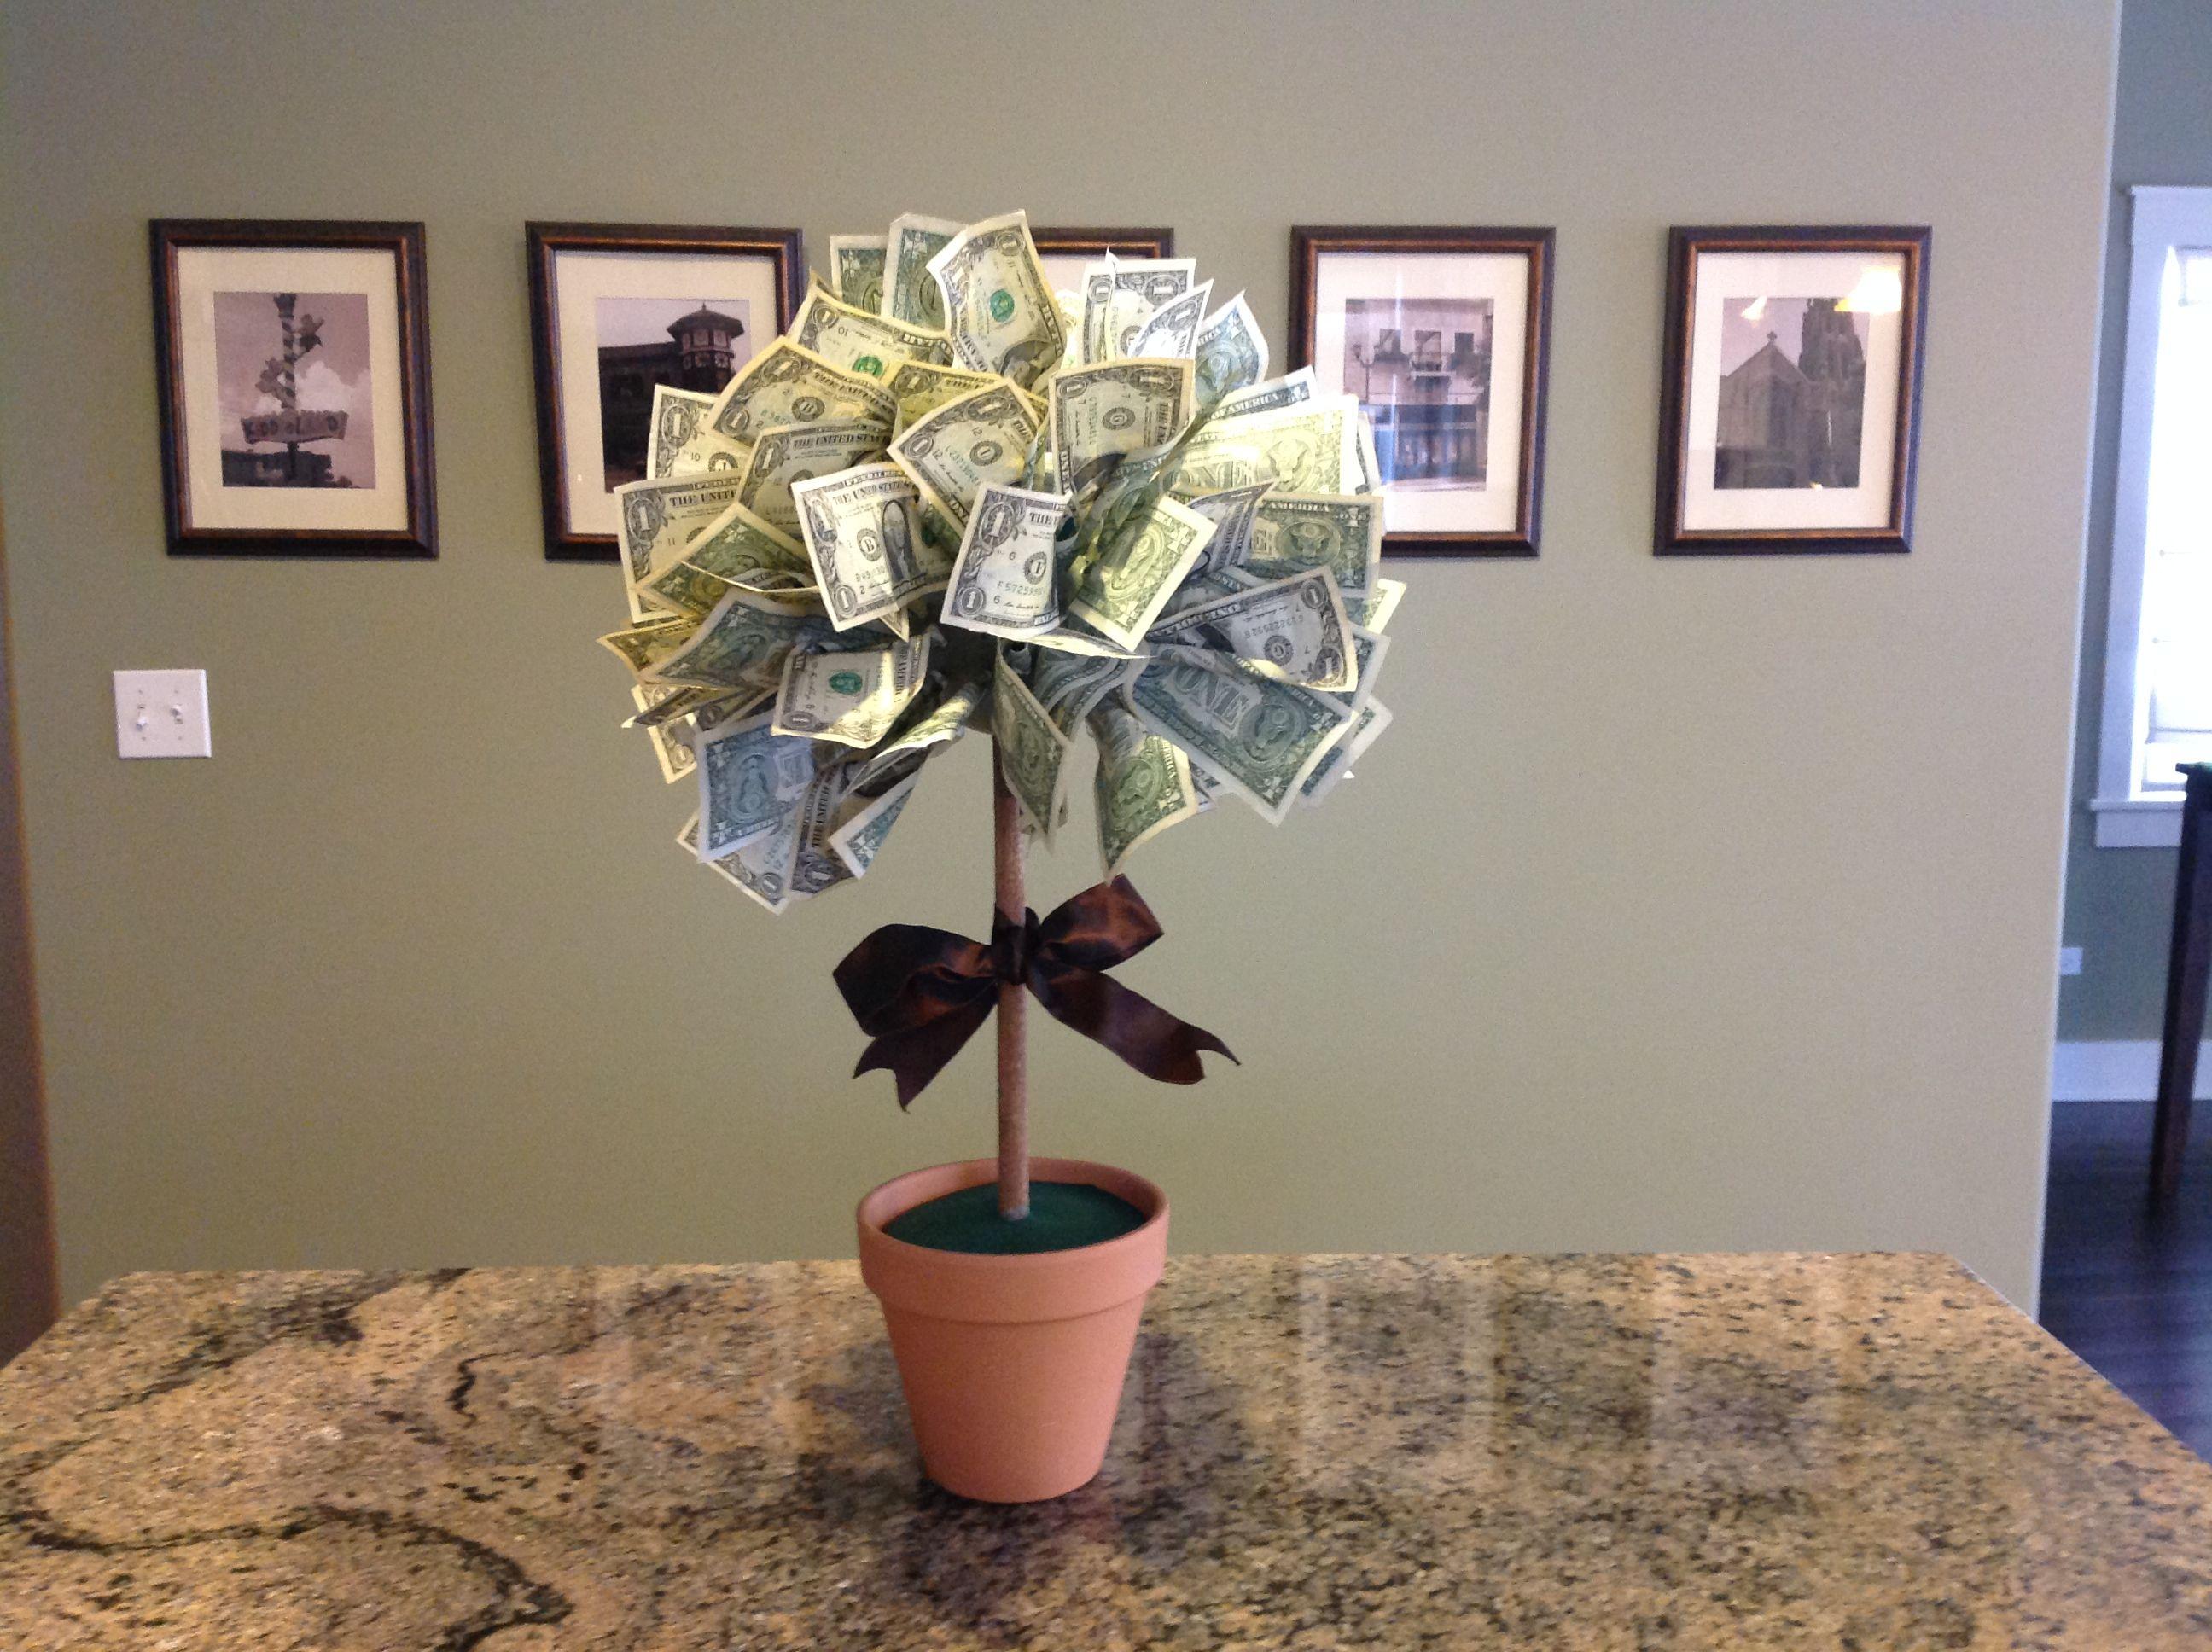 должны денежное дерево с купюрами поздравление как мех редкий